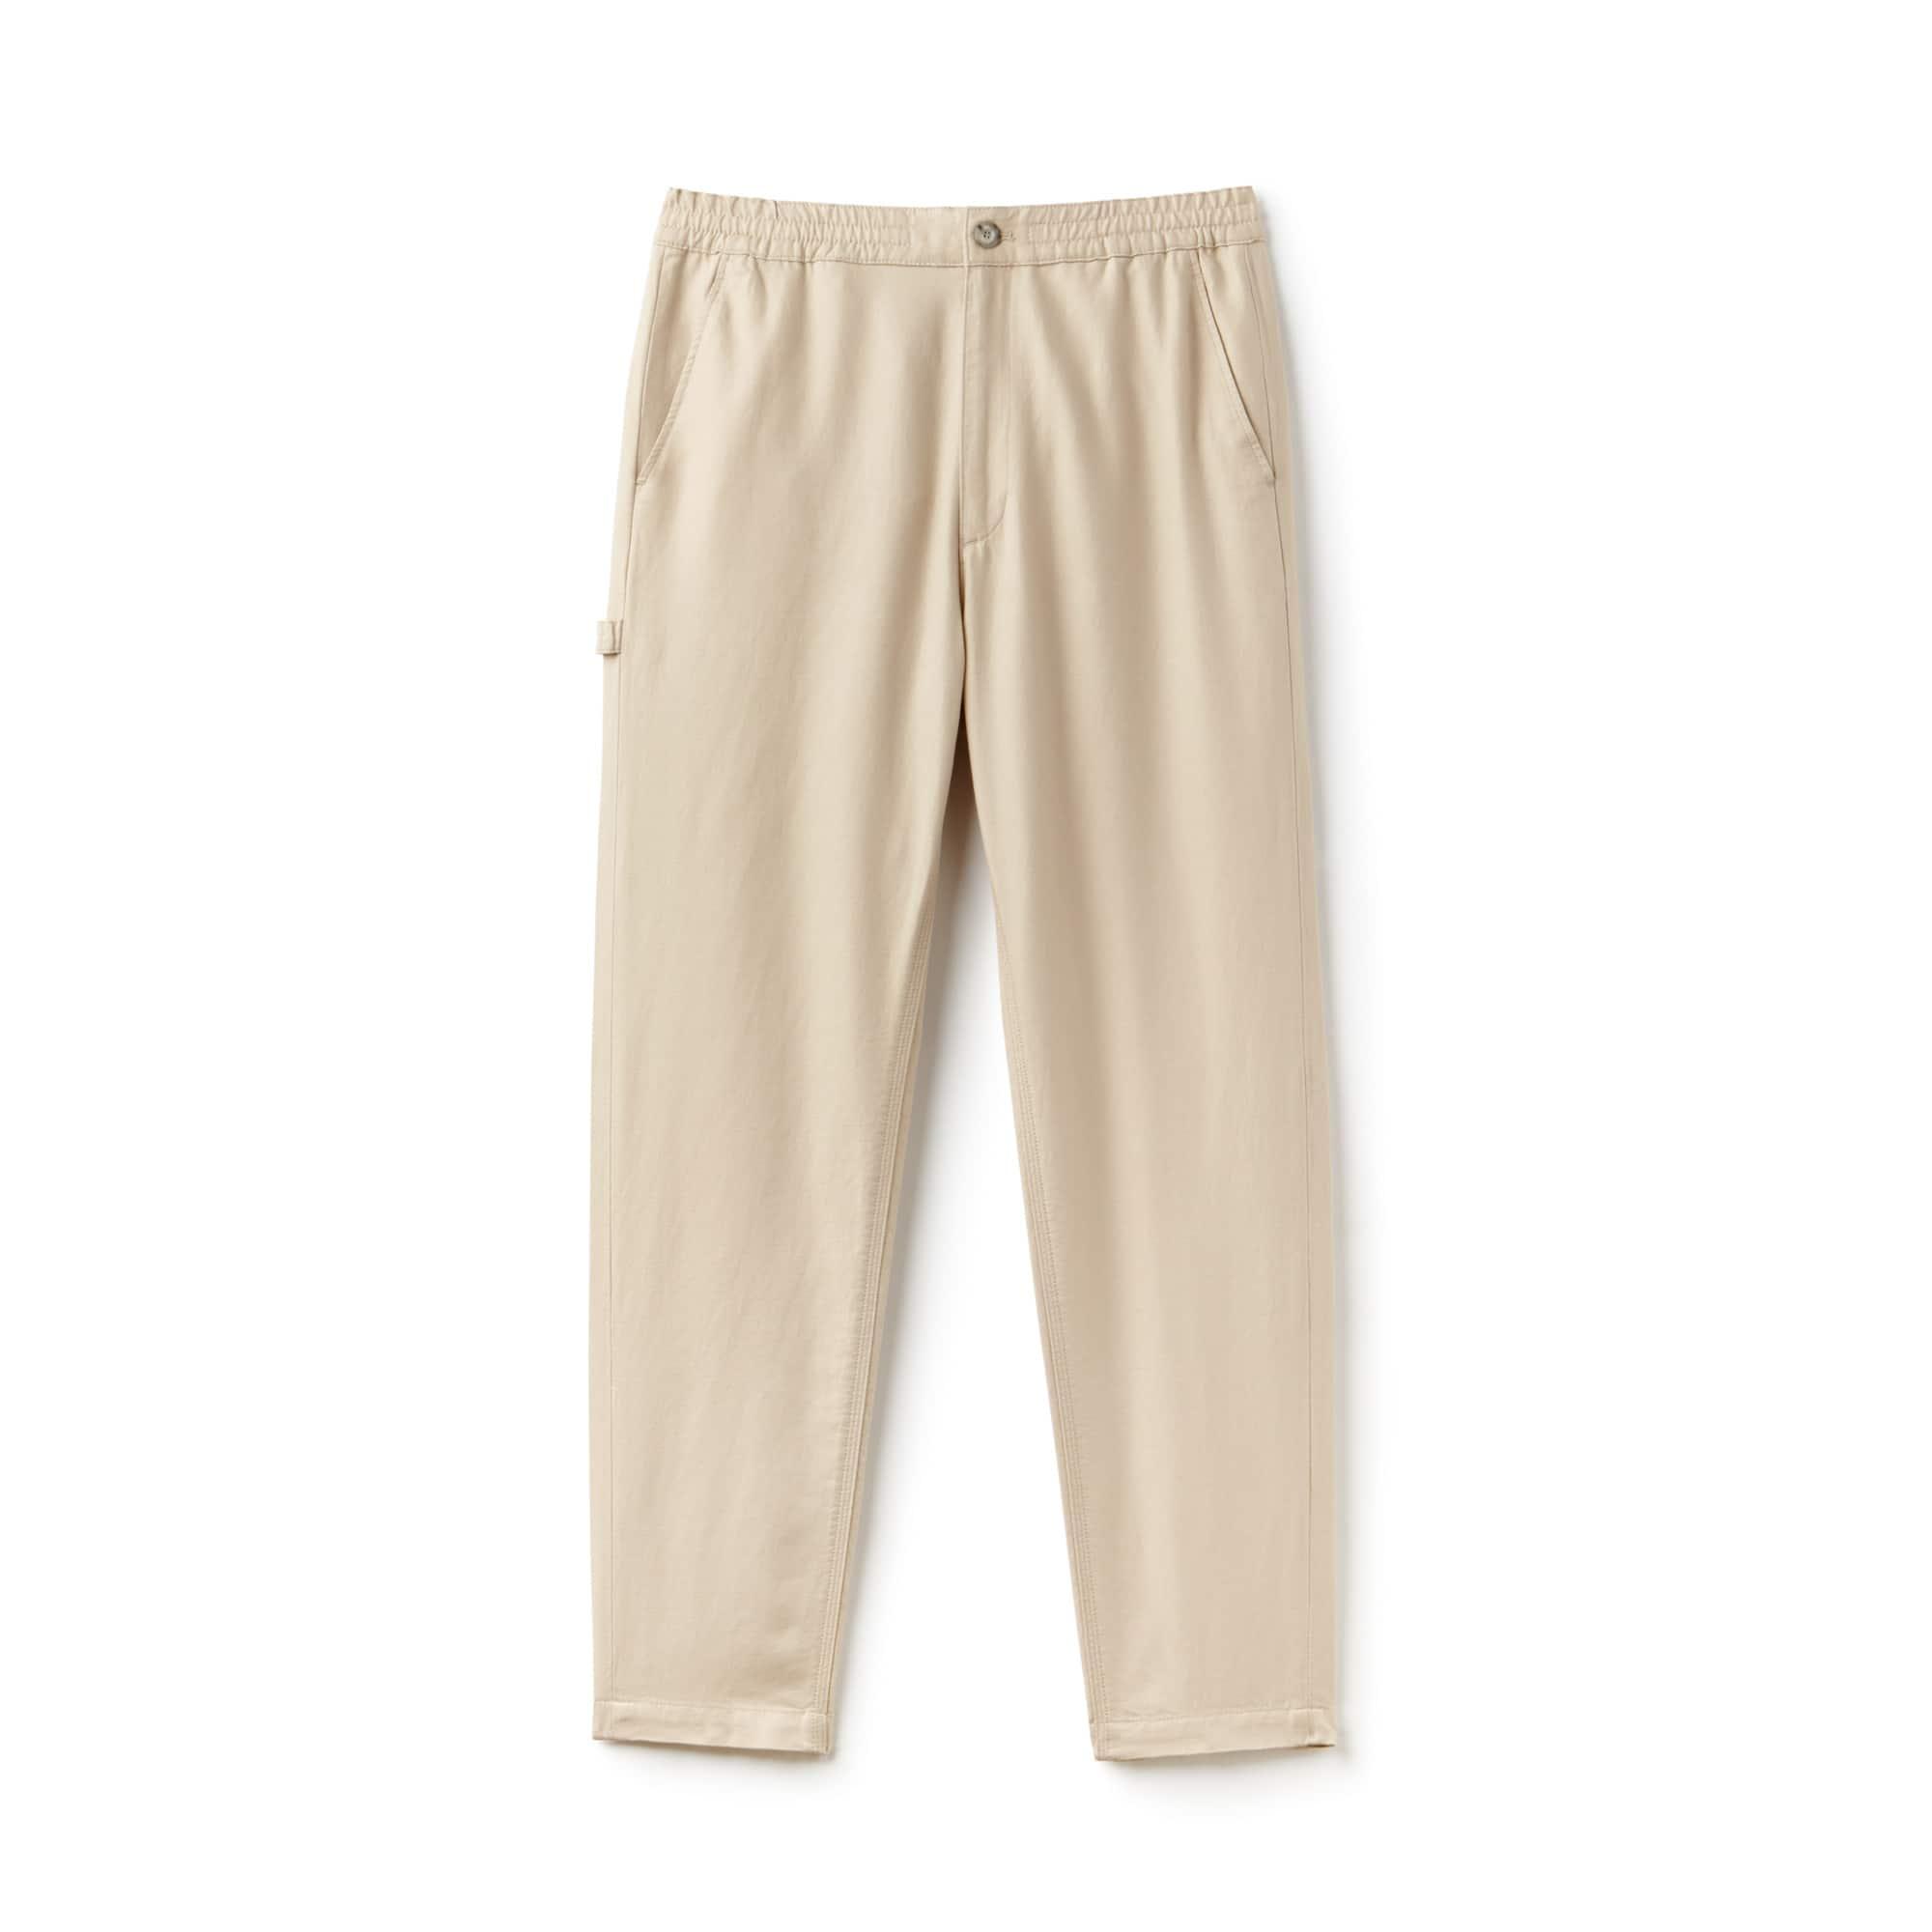 Pantalon chino fit en twill de coton et lin uni